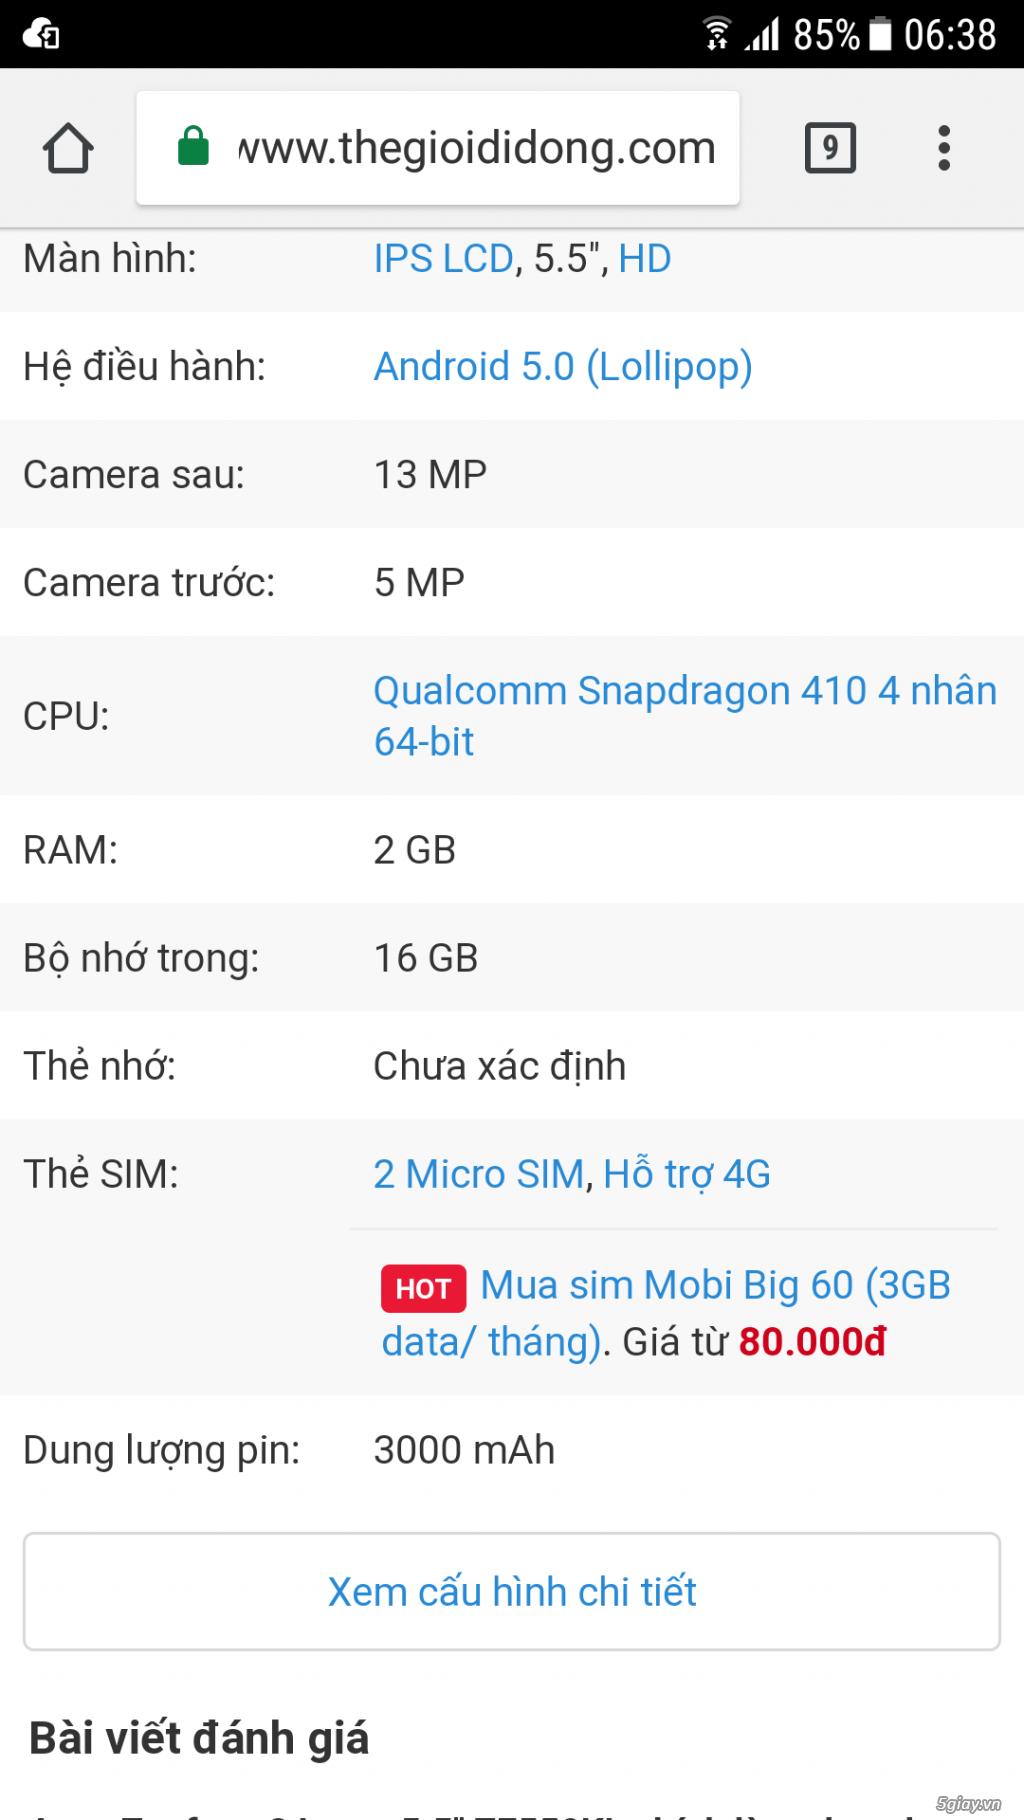 Bán điện thoại Asus Zenfone 2 Laser đen 16GB 5.5'' - 2